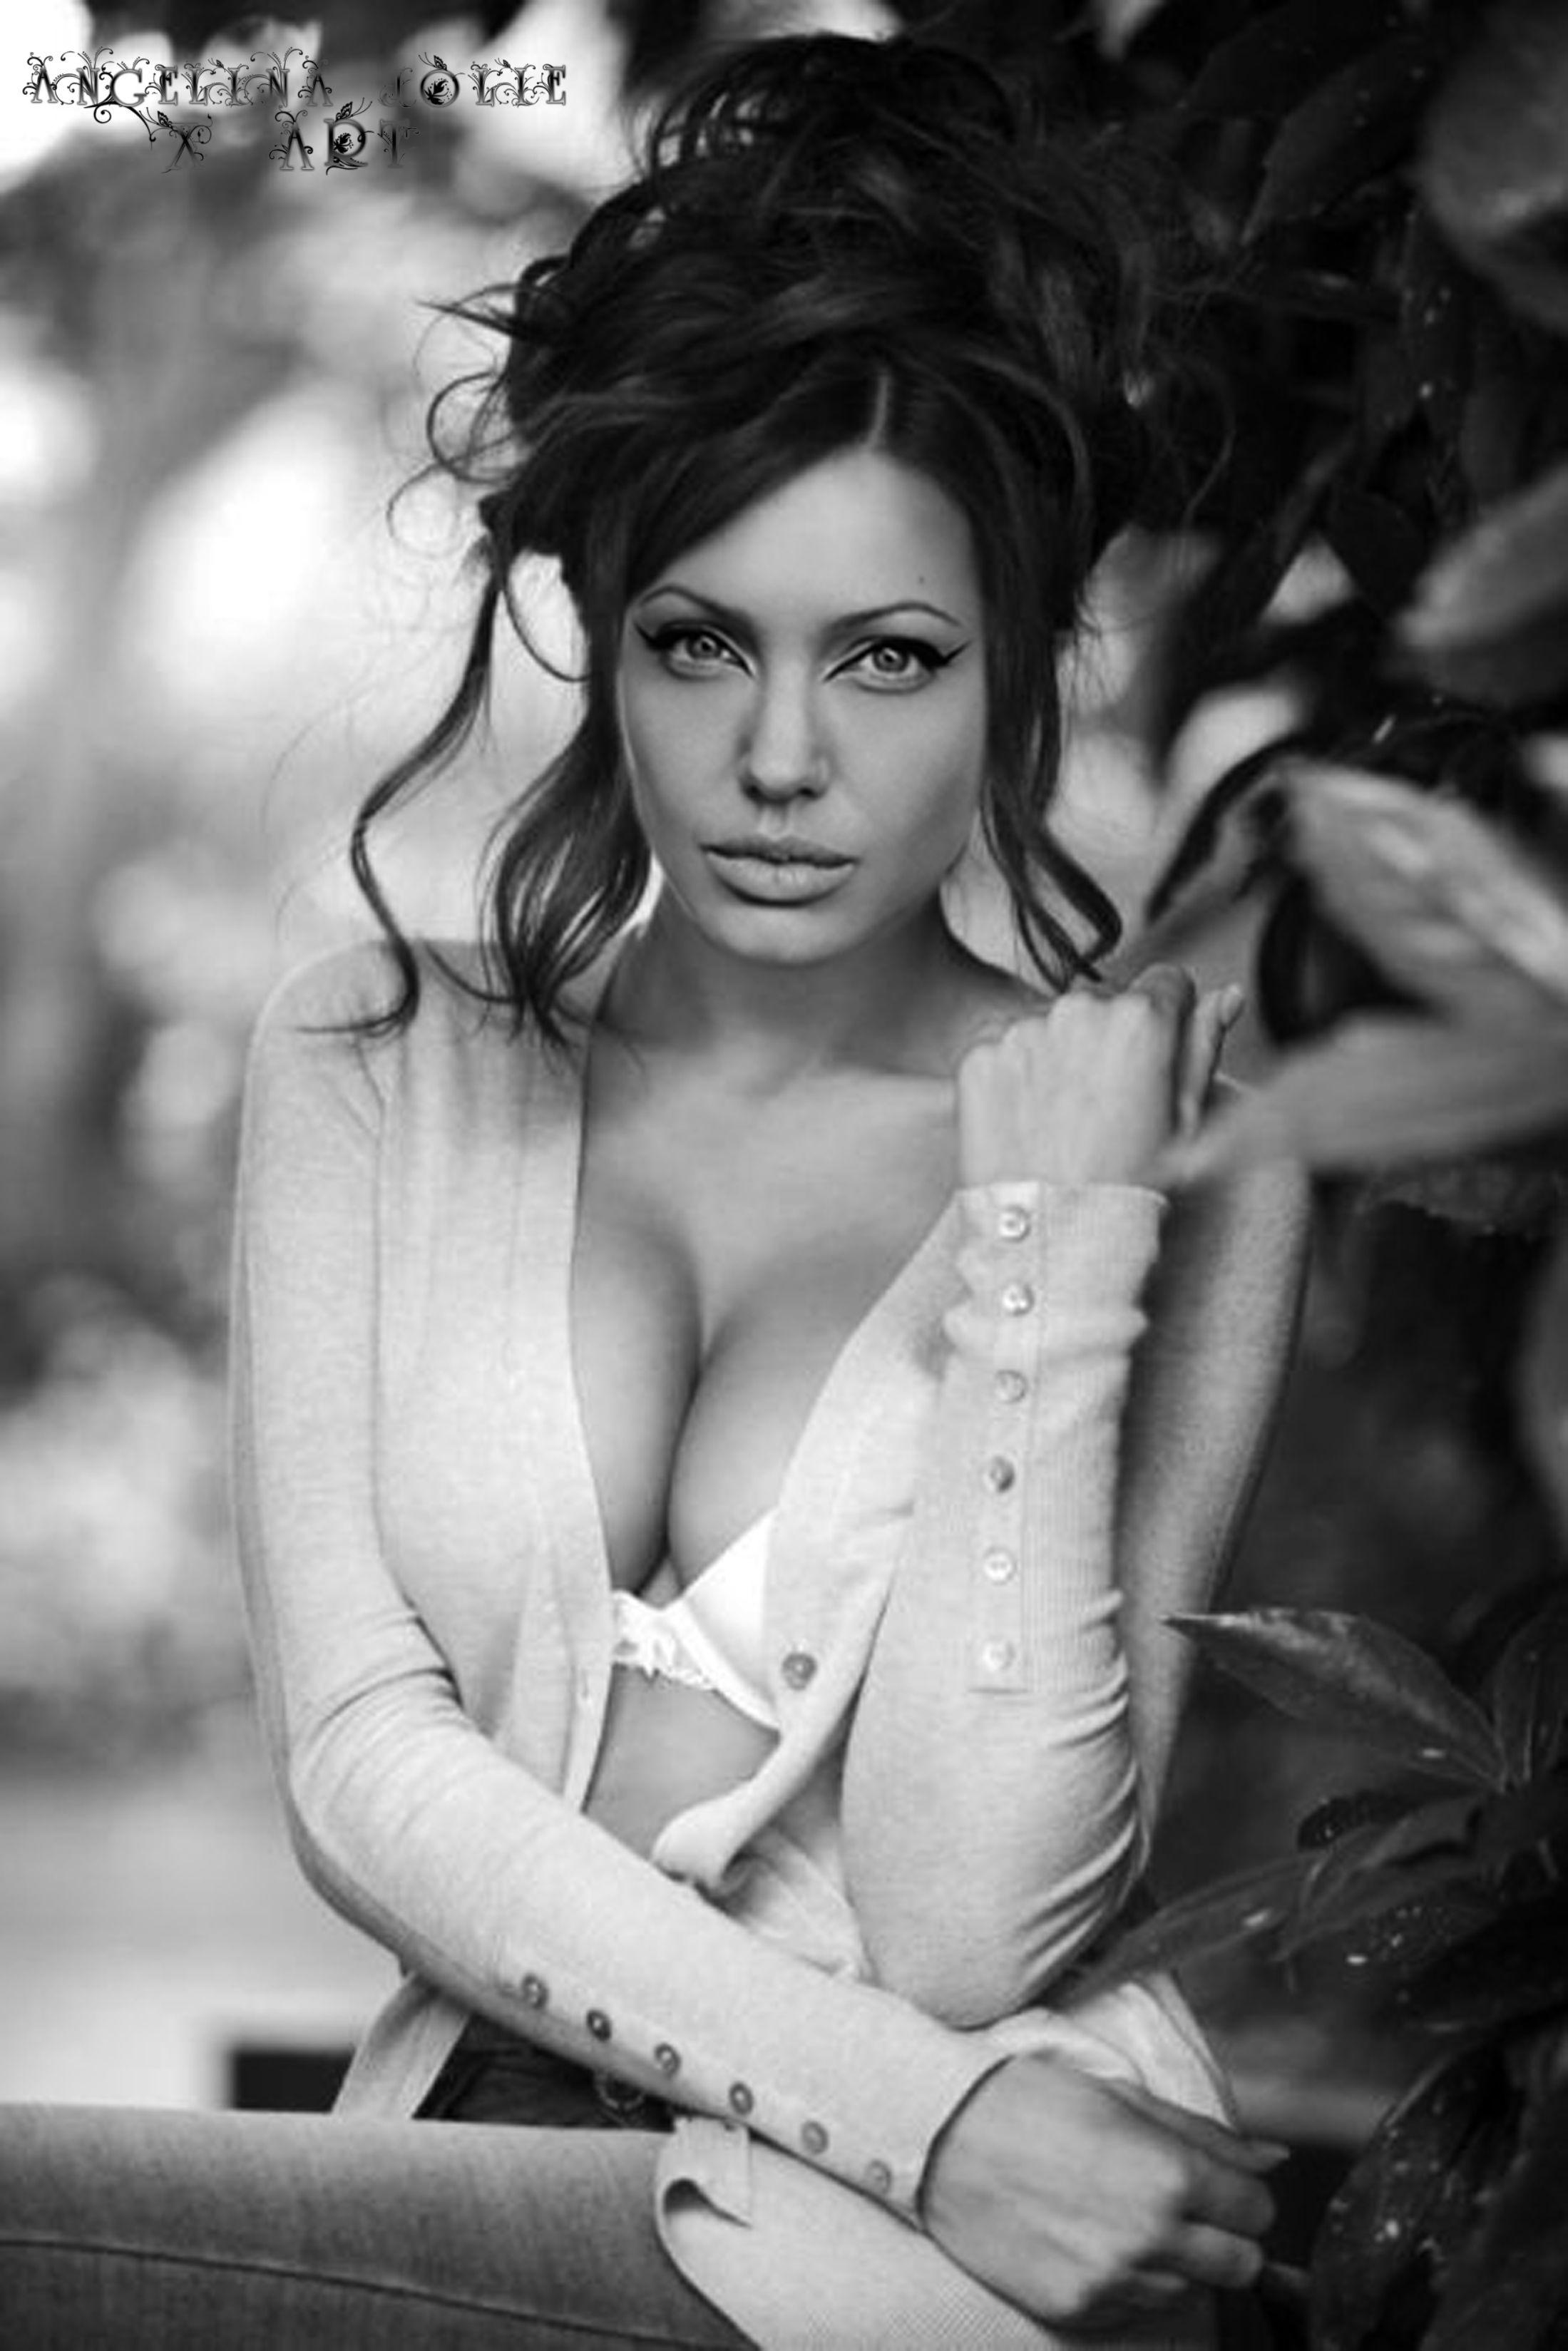 Bikini Angelina Jolie Nude Hot Free Pics